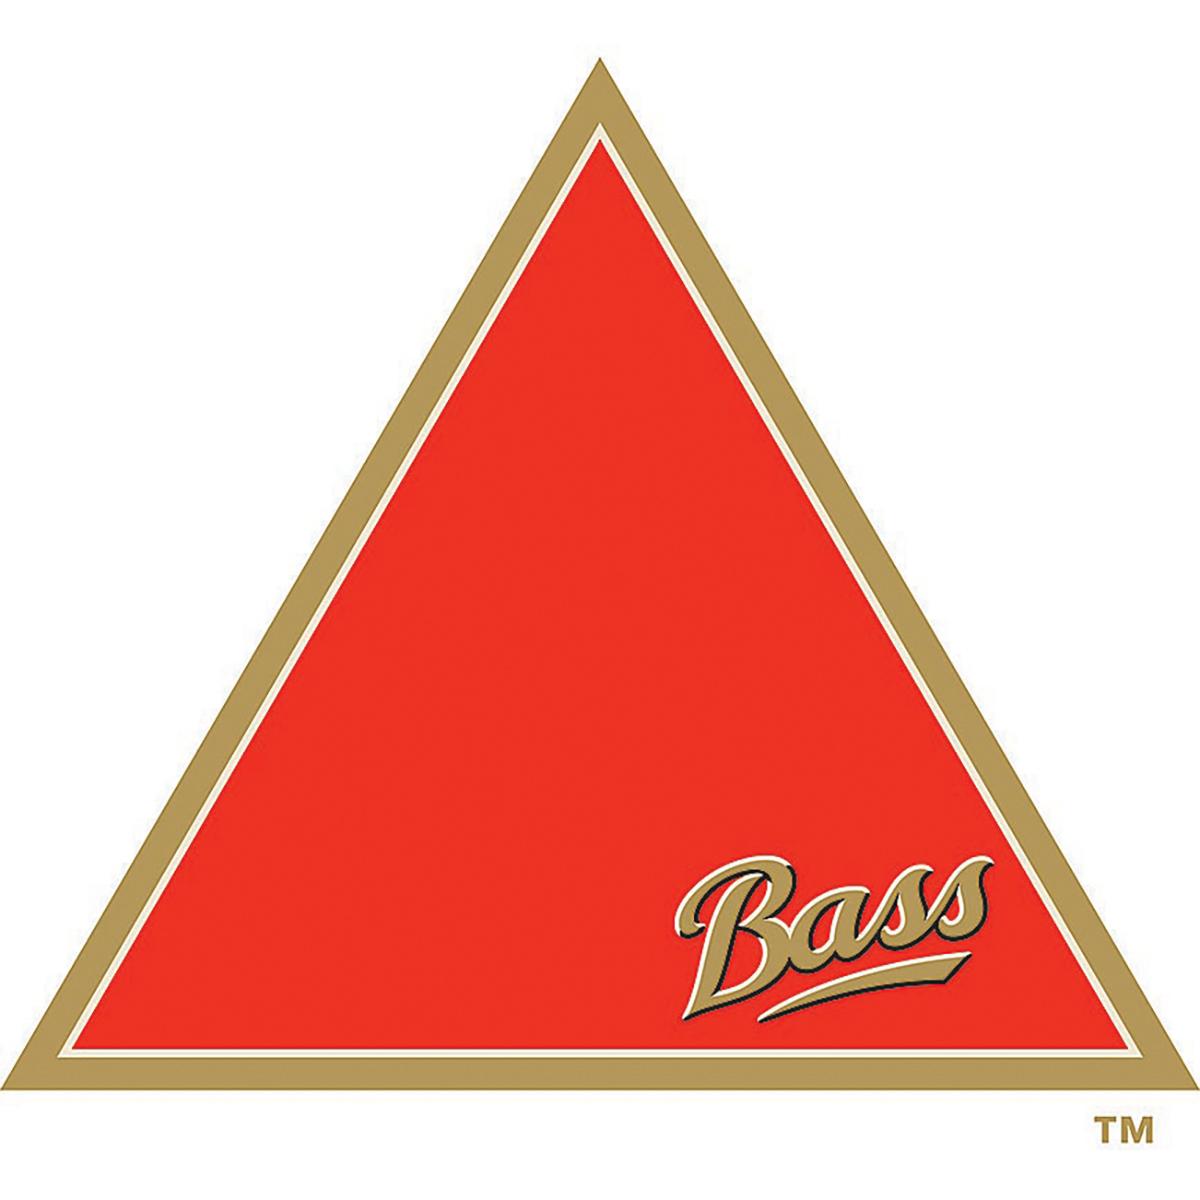 1777년 윌리엄 바스가 영국 버턴어폰트렌트에 설립한 바스 브루어리는 국제 브랜드 마케팅의 선구자였다. 바스의 독특한 빨간 삼각형 로고는 영국 최초의 등록상표였다. ⓒBass Brewery